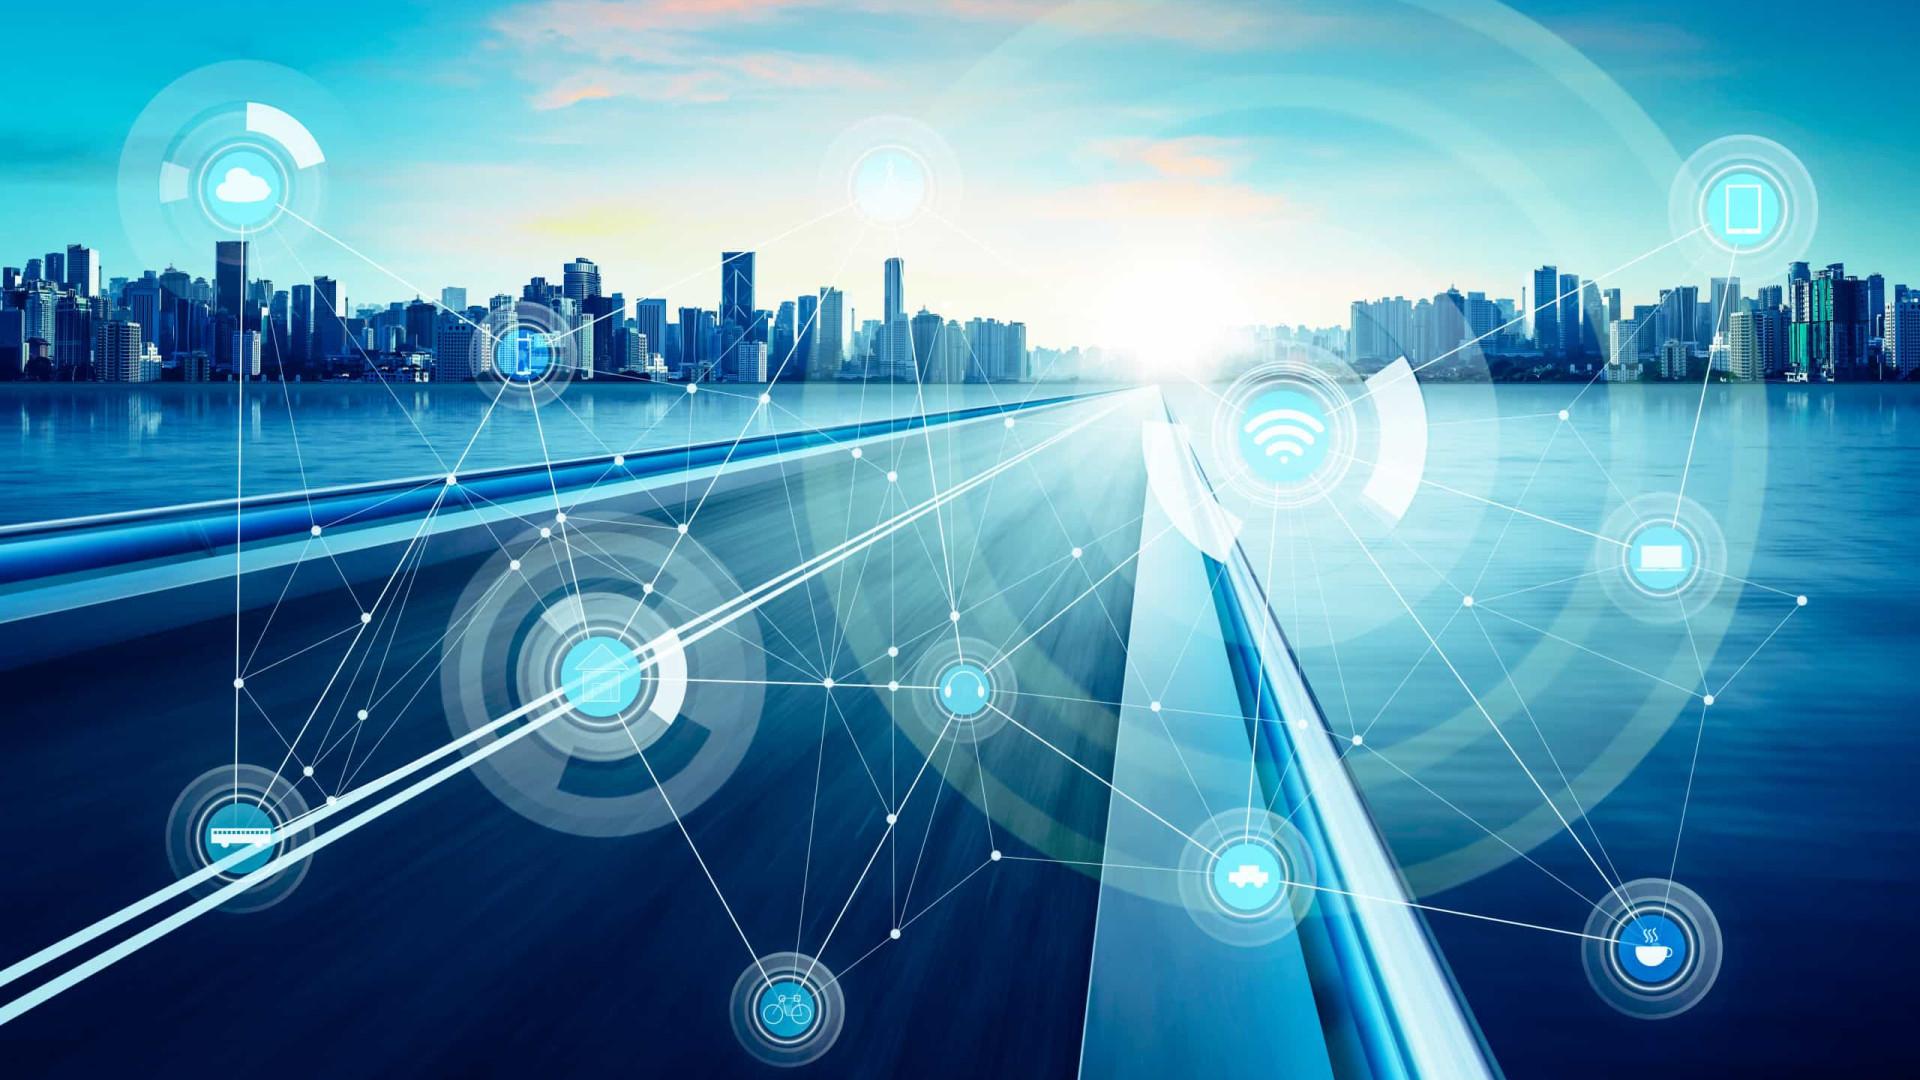 Viasat firma acordo com Sky para oferecer internet banda larga via satélite